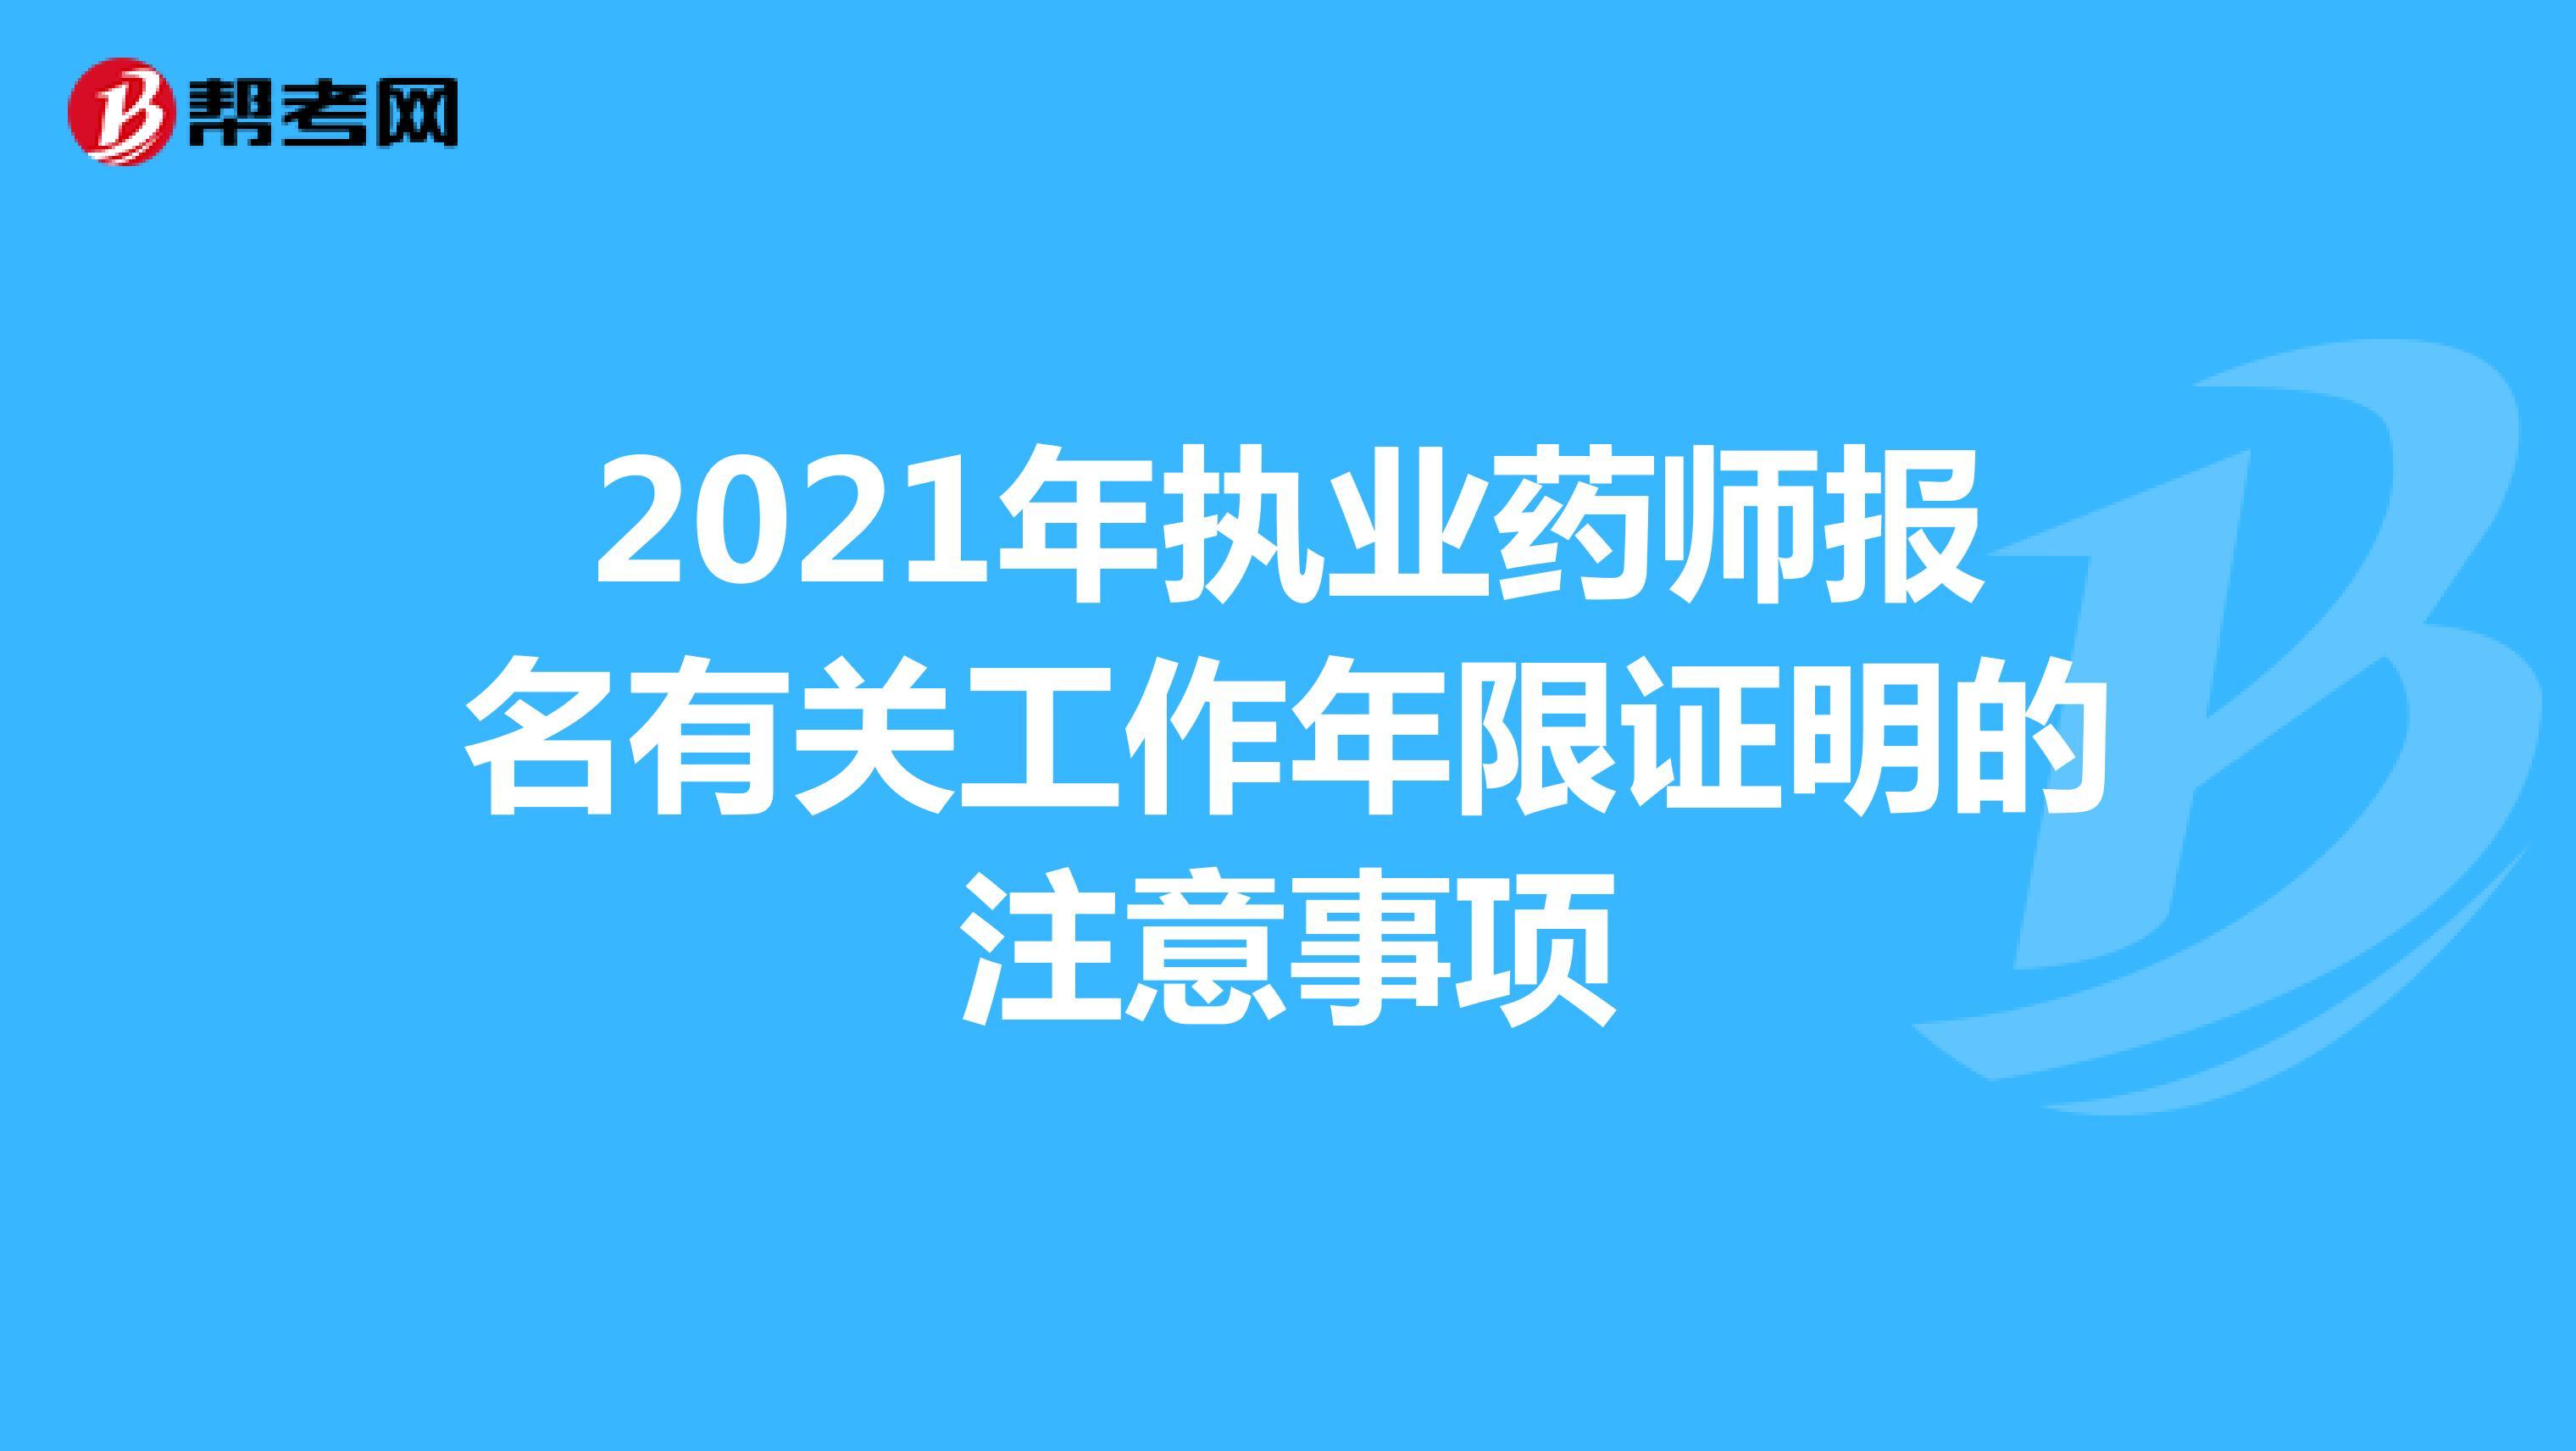 2021年执业药师报名有关工作年限证明的注意事项